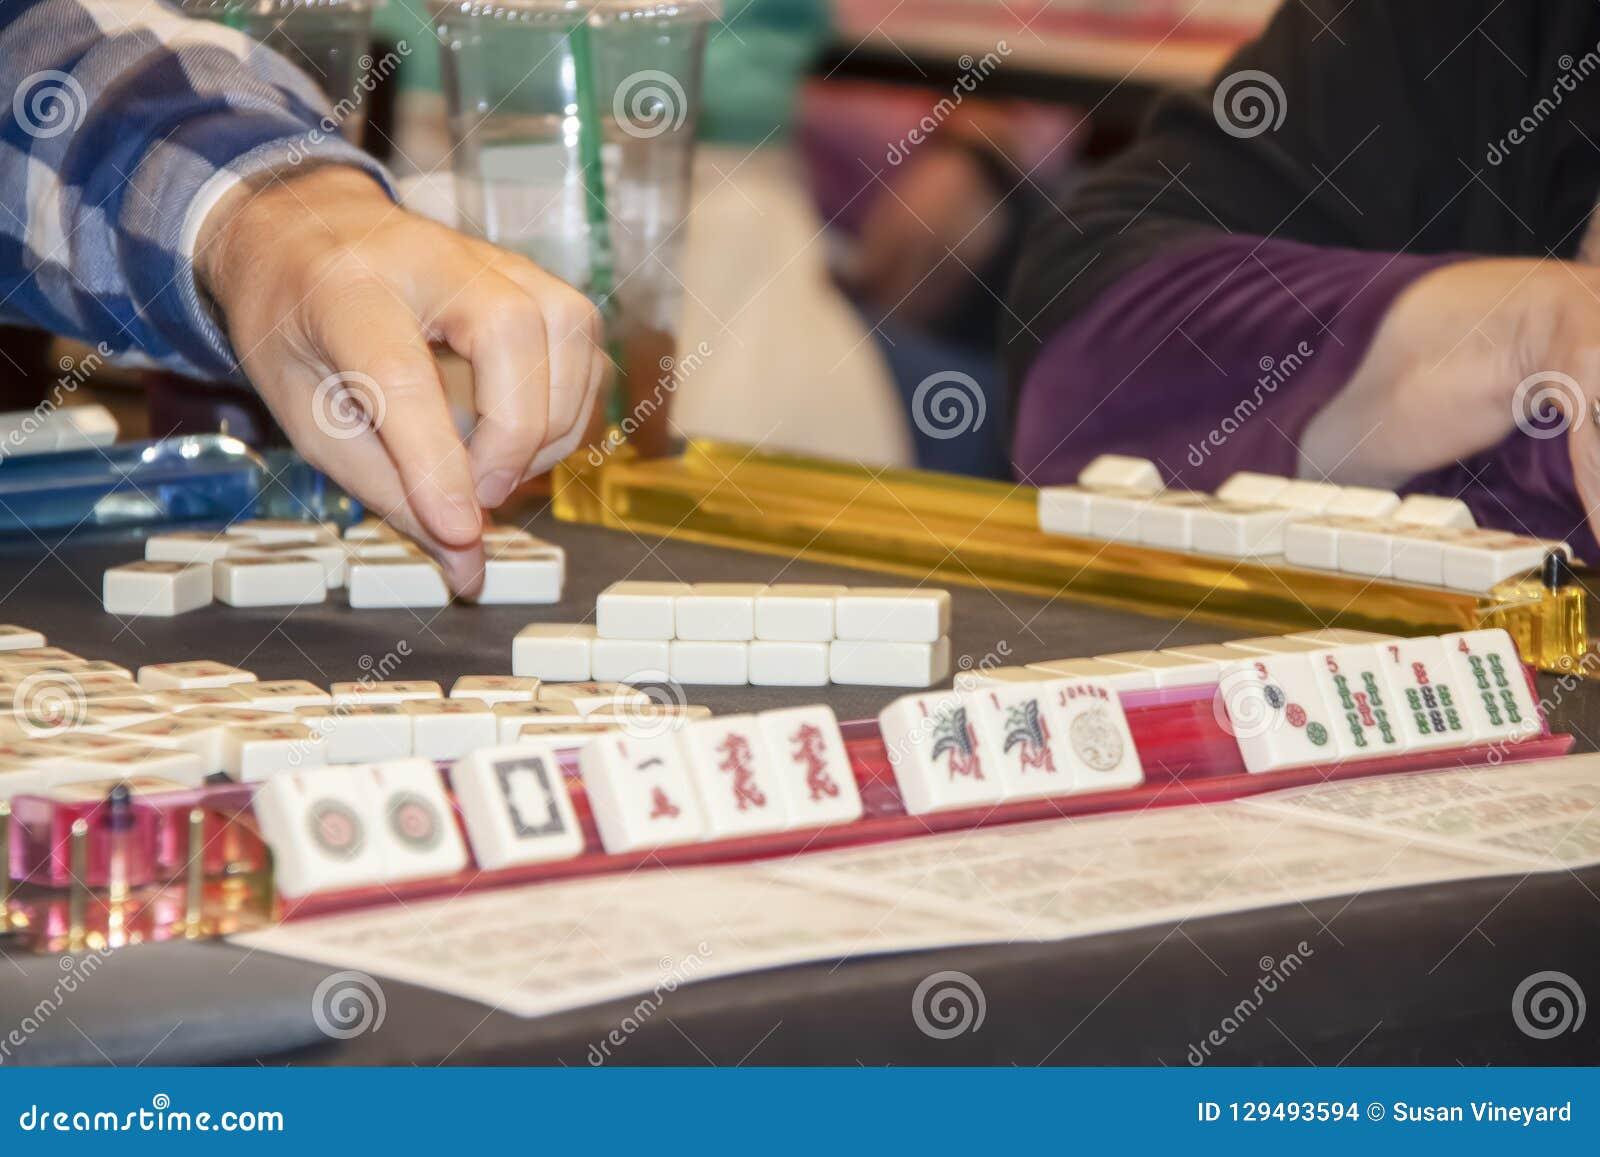 Χέρι του παίκτη που φθάνει για το κεραμίδι σε ένα παιχνίδι Mahjong - εκλεκτική εστίαση